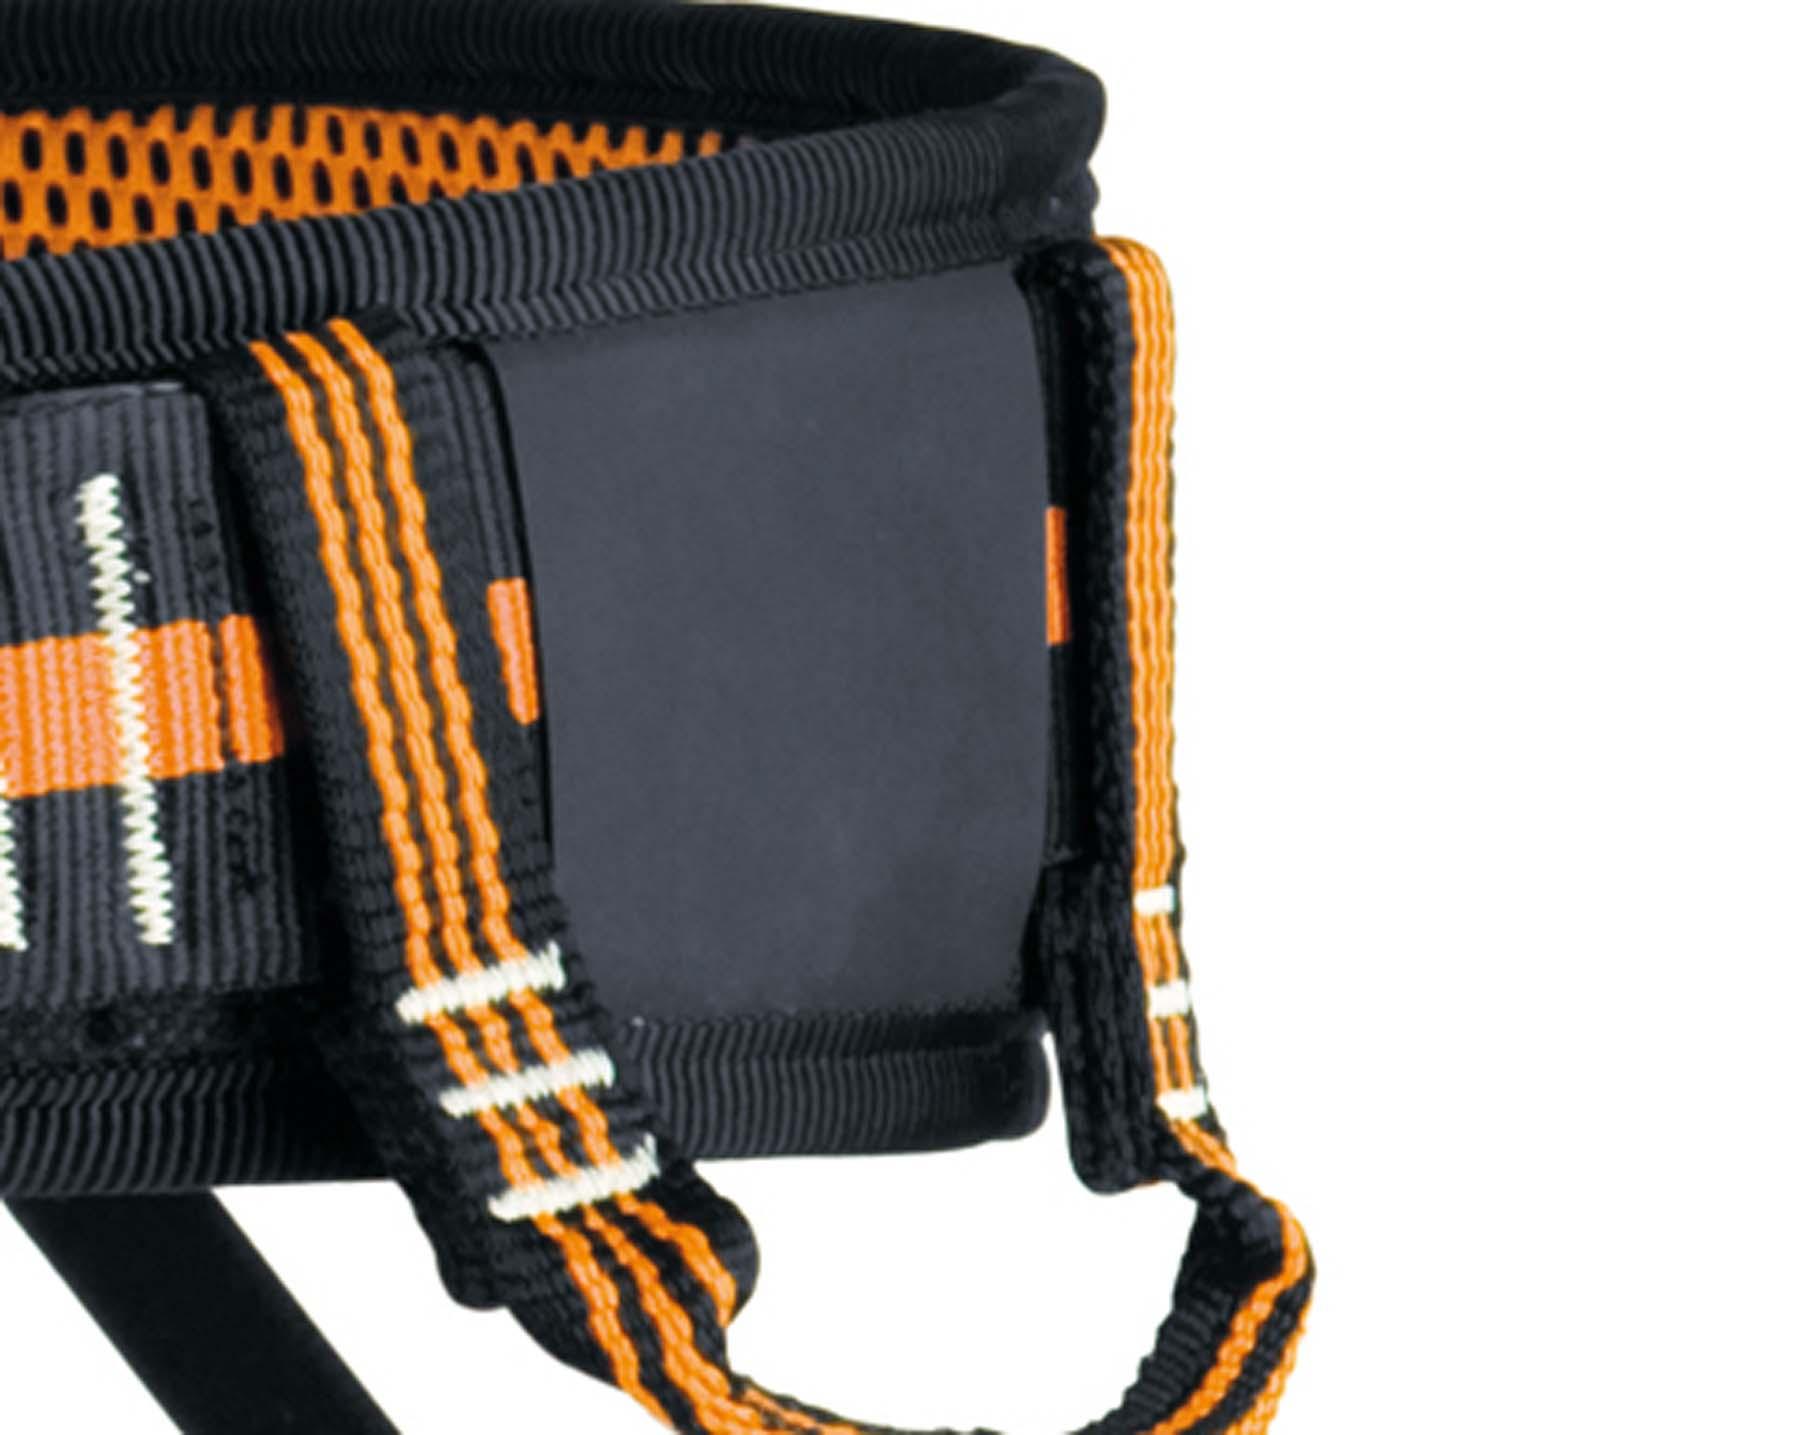 Klettergurt Materialschlaufen : Klettergurt skylotec materialschlaufe ontop klettern shop